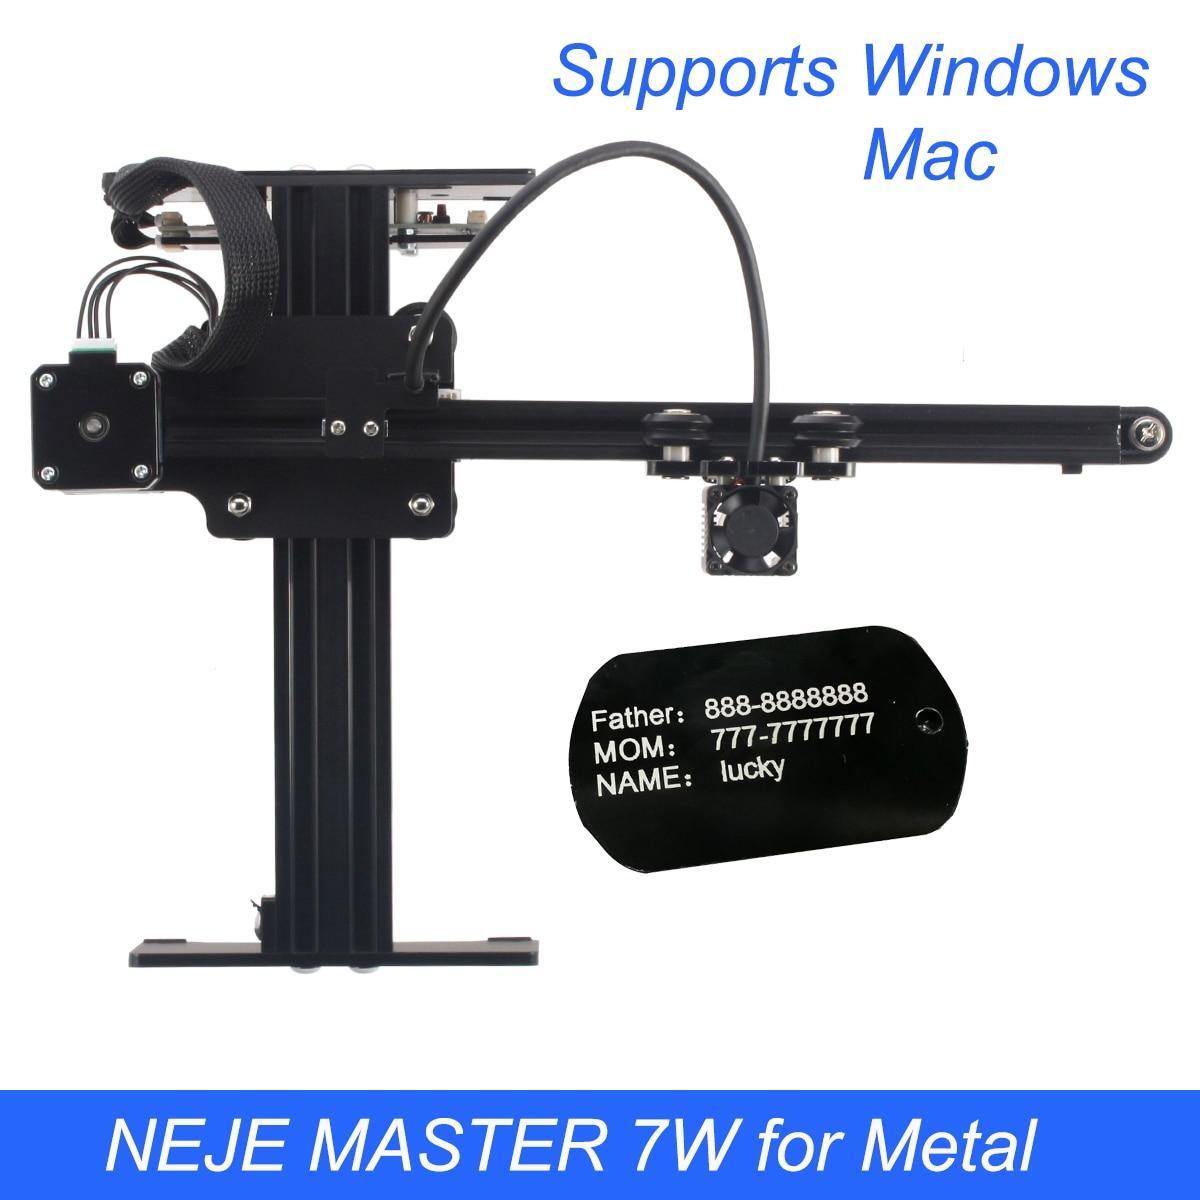 NEJE MASTER 3500 mW/7 W Laser gravure Machine bricolage Mini CNC coupe bois routeur bureau graveur pour métal/bois/plastiques